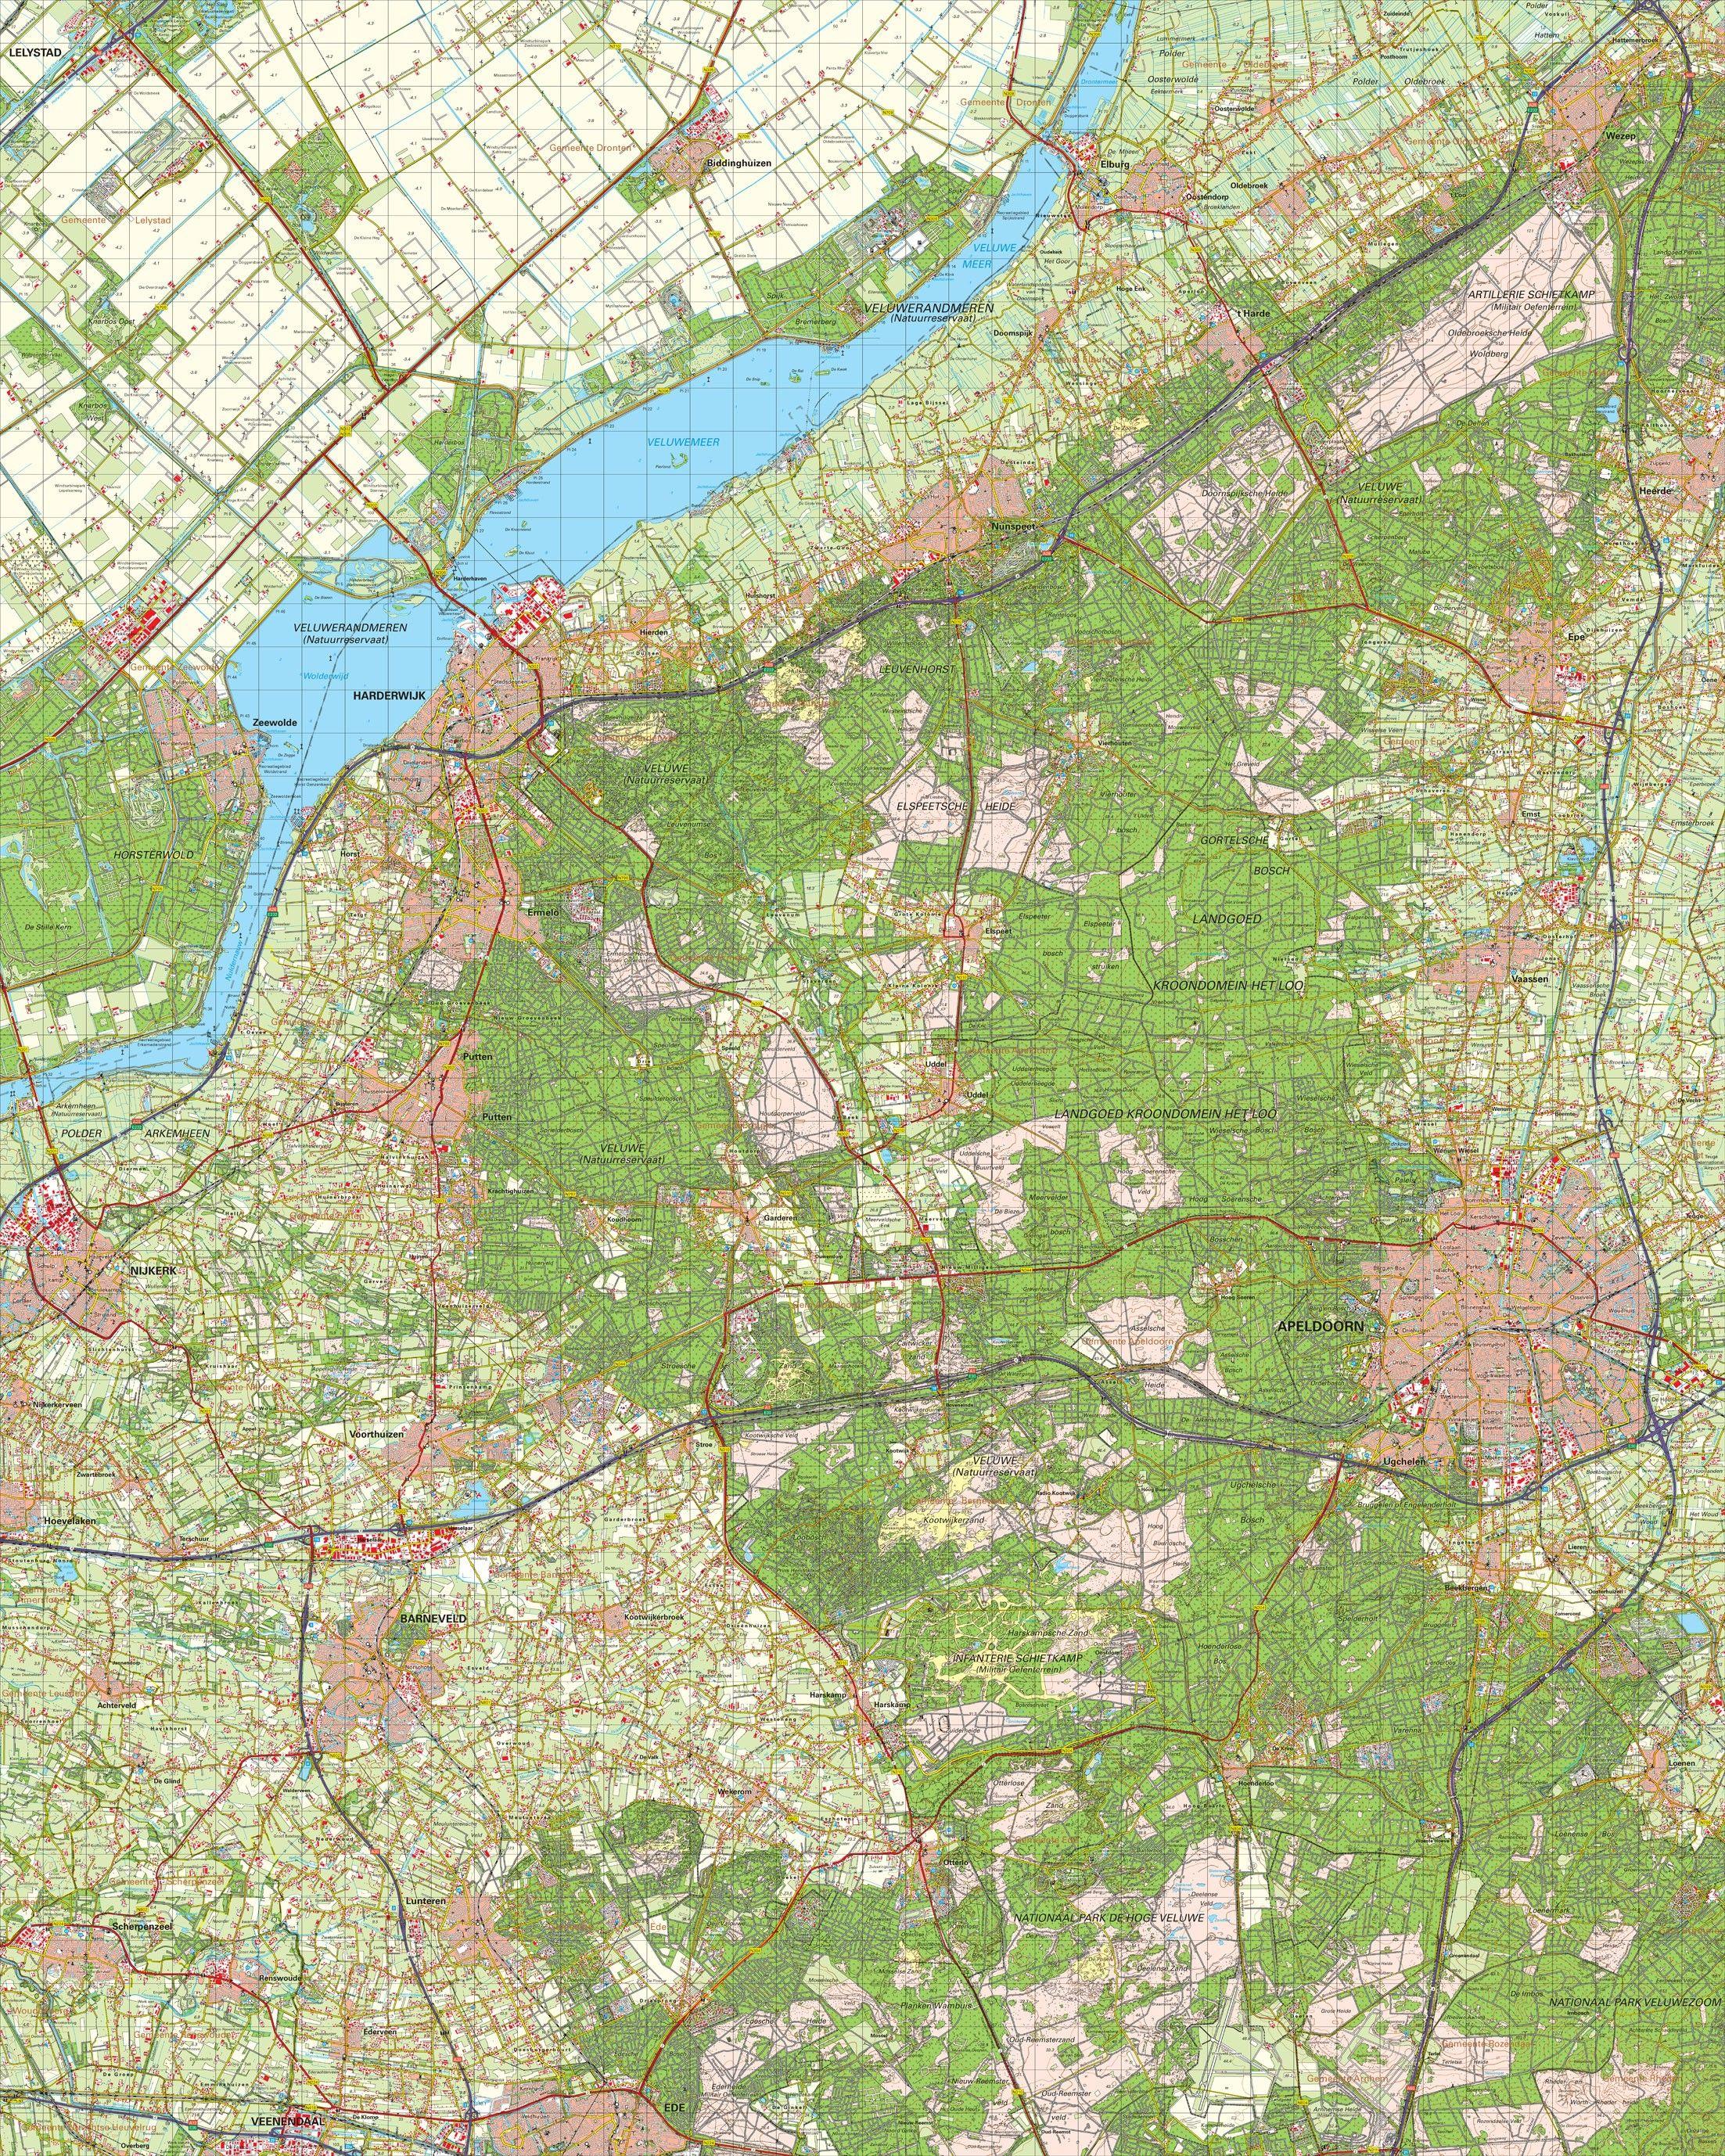 Topografische kaart schaal 1:50.000 (Harderwijk,Apeldoorn,Elburg,Barneveld)